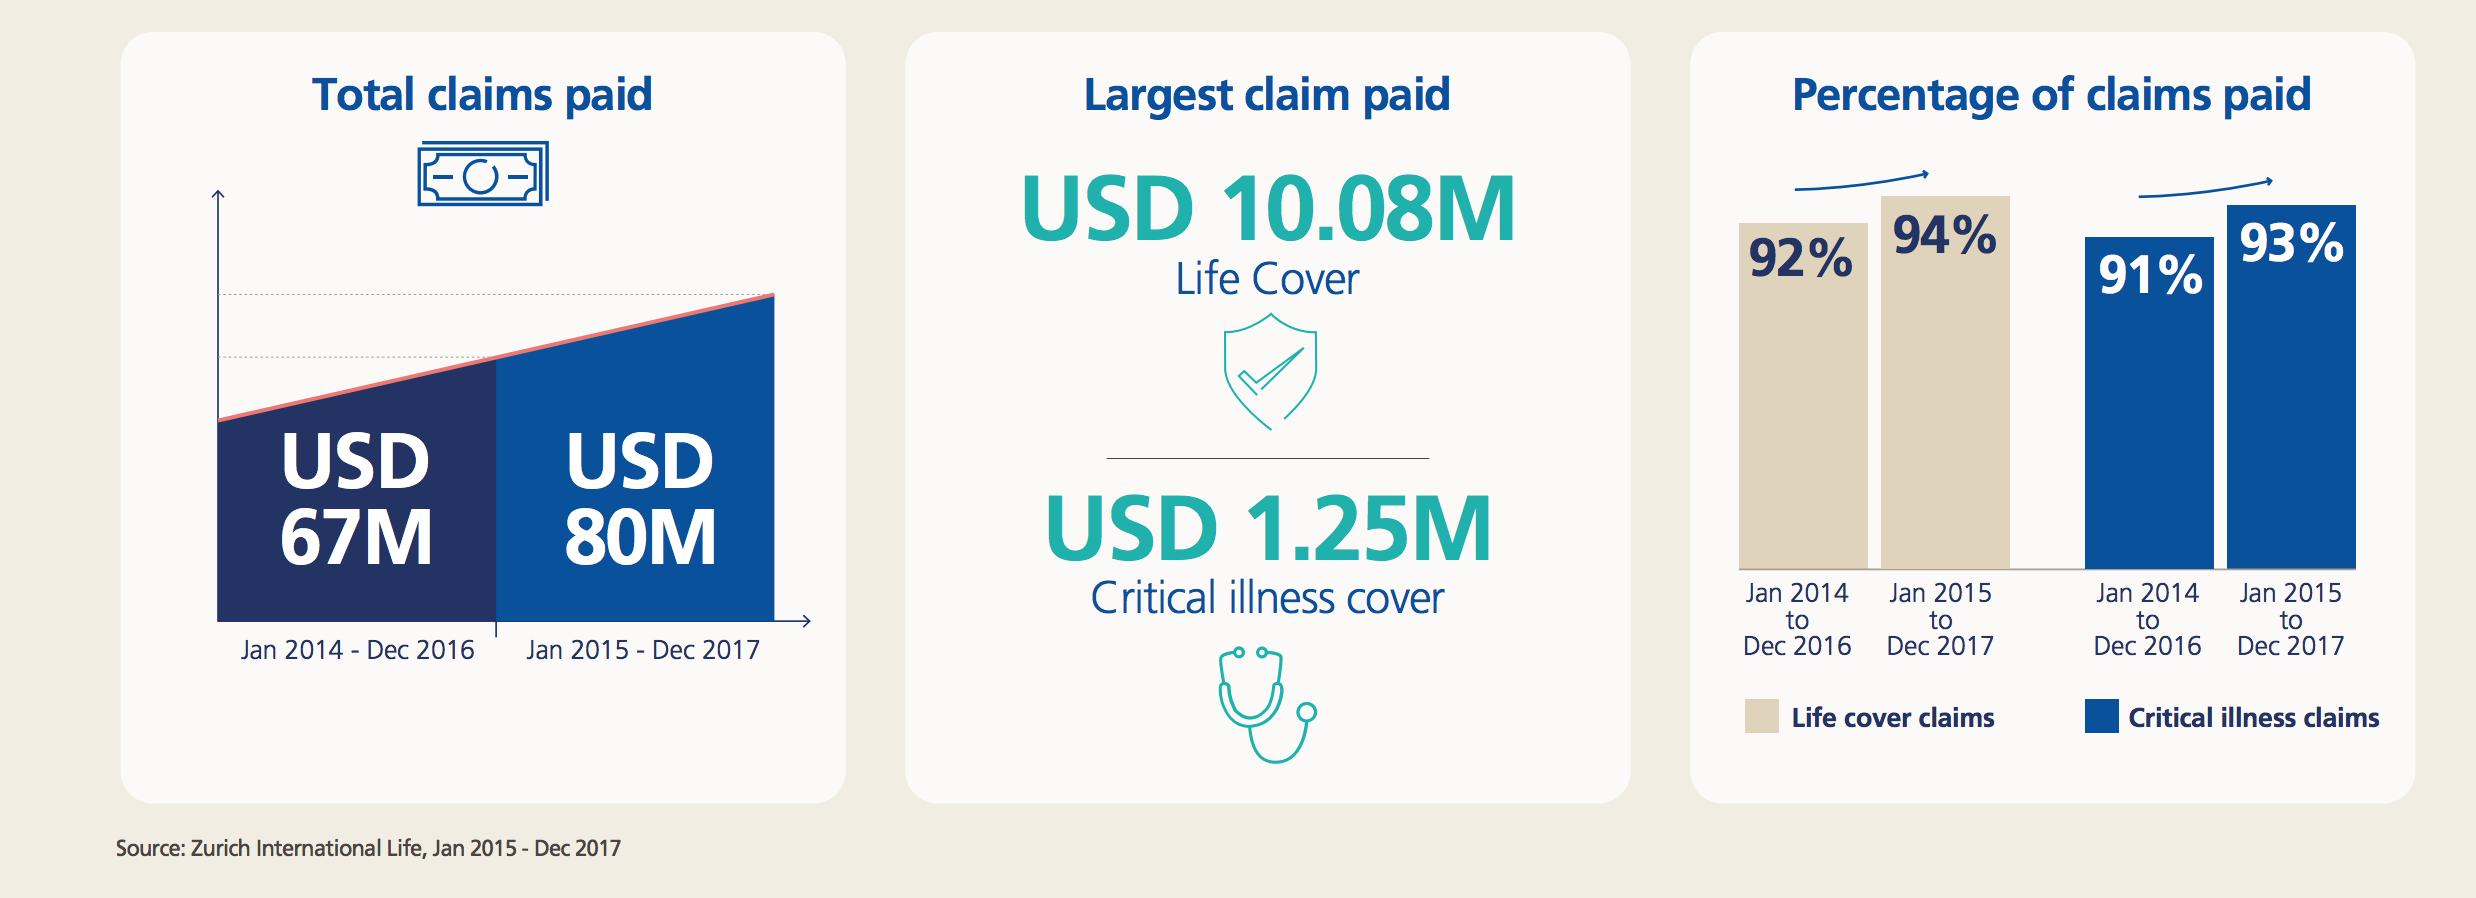 Zurich Insurance Claim Statistics 2015-2017